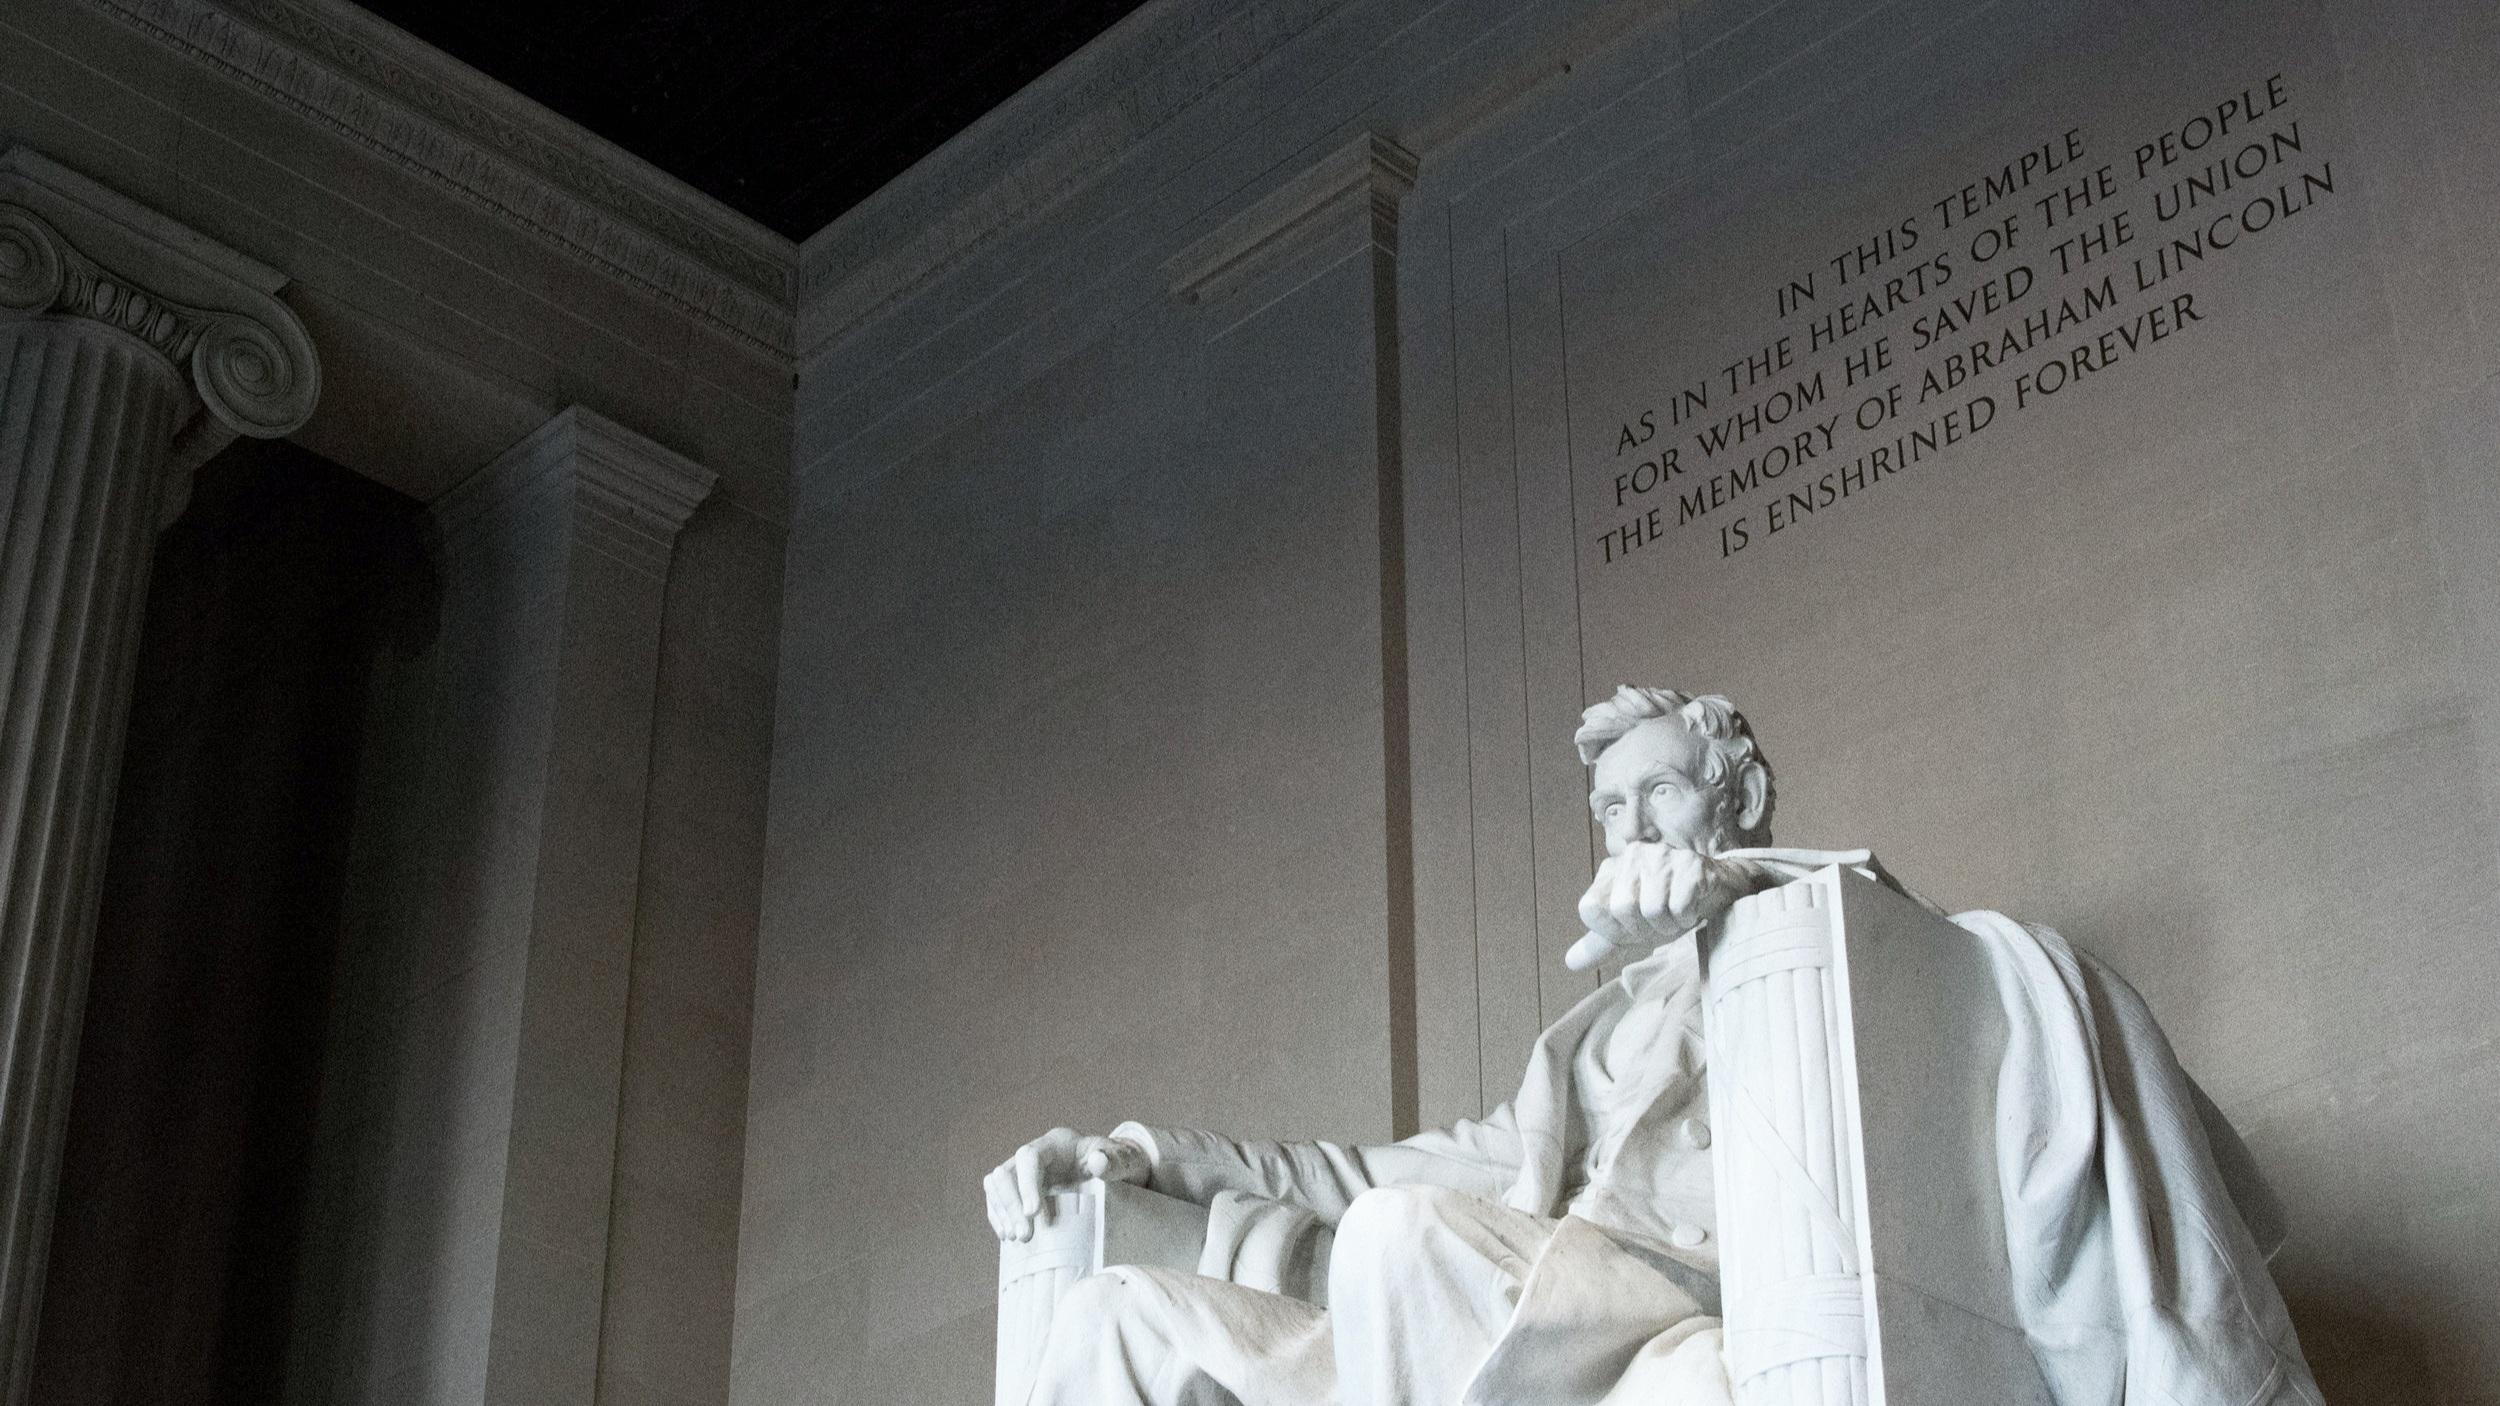 Evening tour - En mycket populär kvällsutflykt till några av de bästa sevärdheterna staden har att erbjuda. Här får du se ett upplyst Lincoln Memorial, Vita Huset och Washington monumentet och allt på två timmar. Du körs omkring i en dubbeldäckad buss där alla förare är utbildade guider i staden.